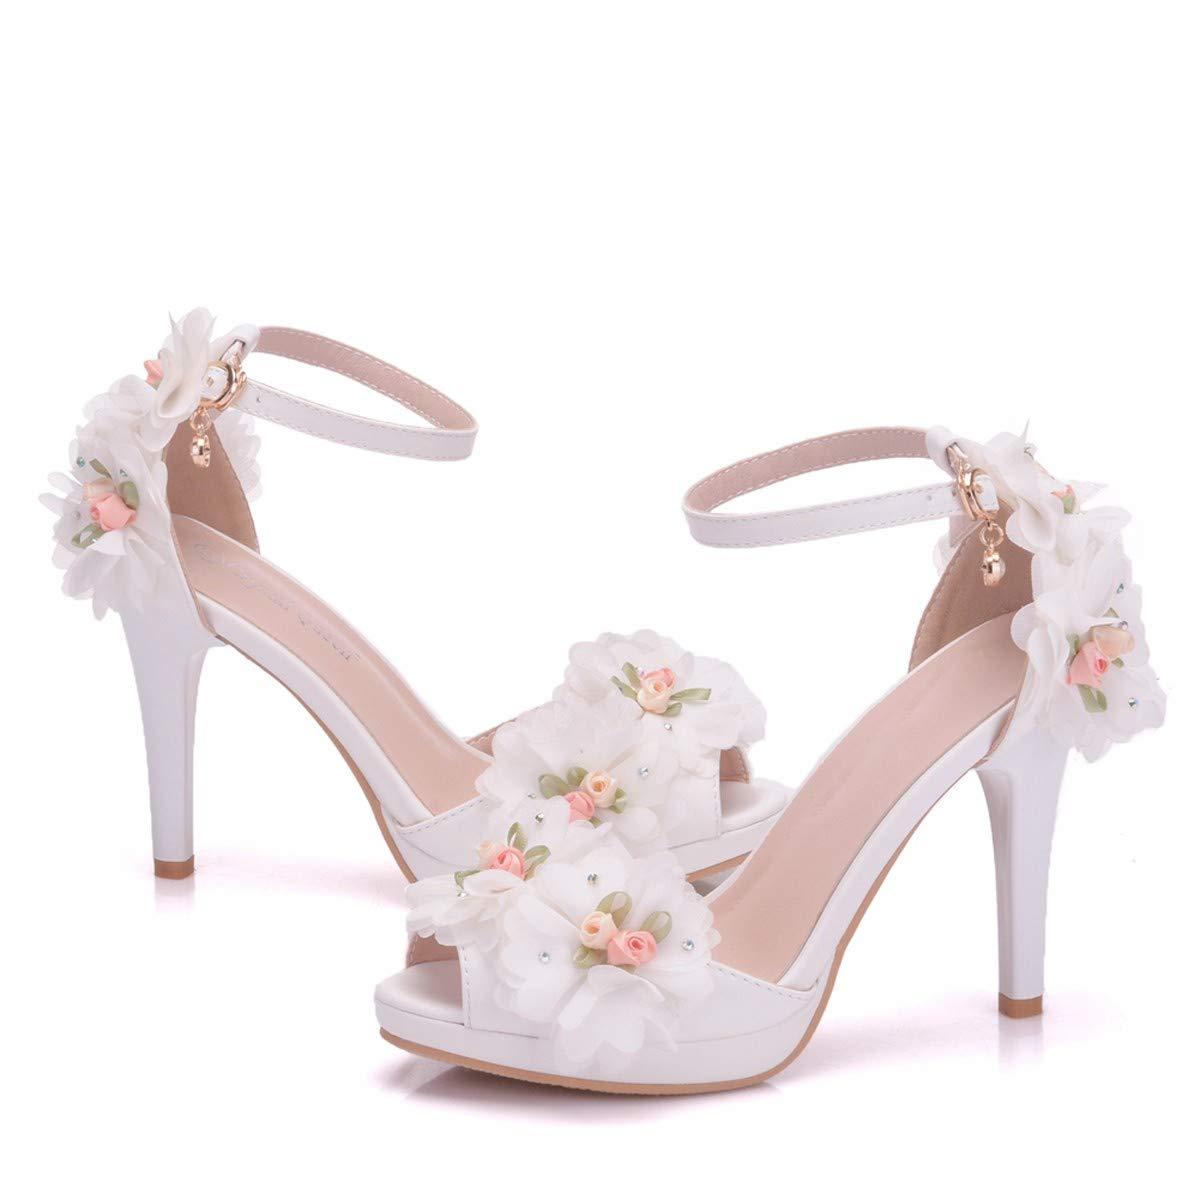 LBTSQ-Fisch im Mund Spitzen-Sandalen die Schuhe mit Einem Wort - Hochzeit Braut Schuhe Schuhe Blumen Mode Damenschuhe.Thirty-Five weiße - Wort 43c57d